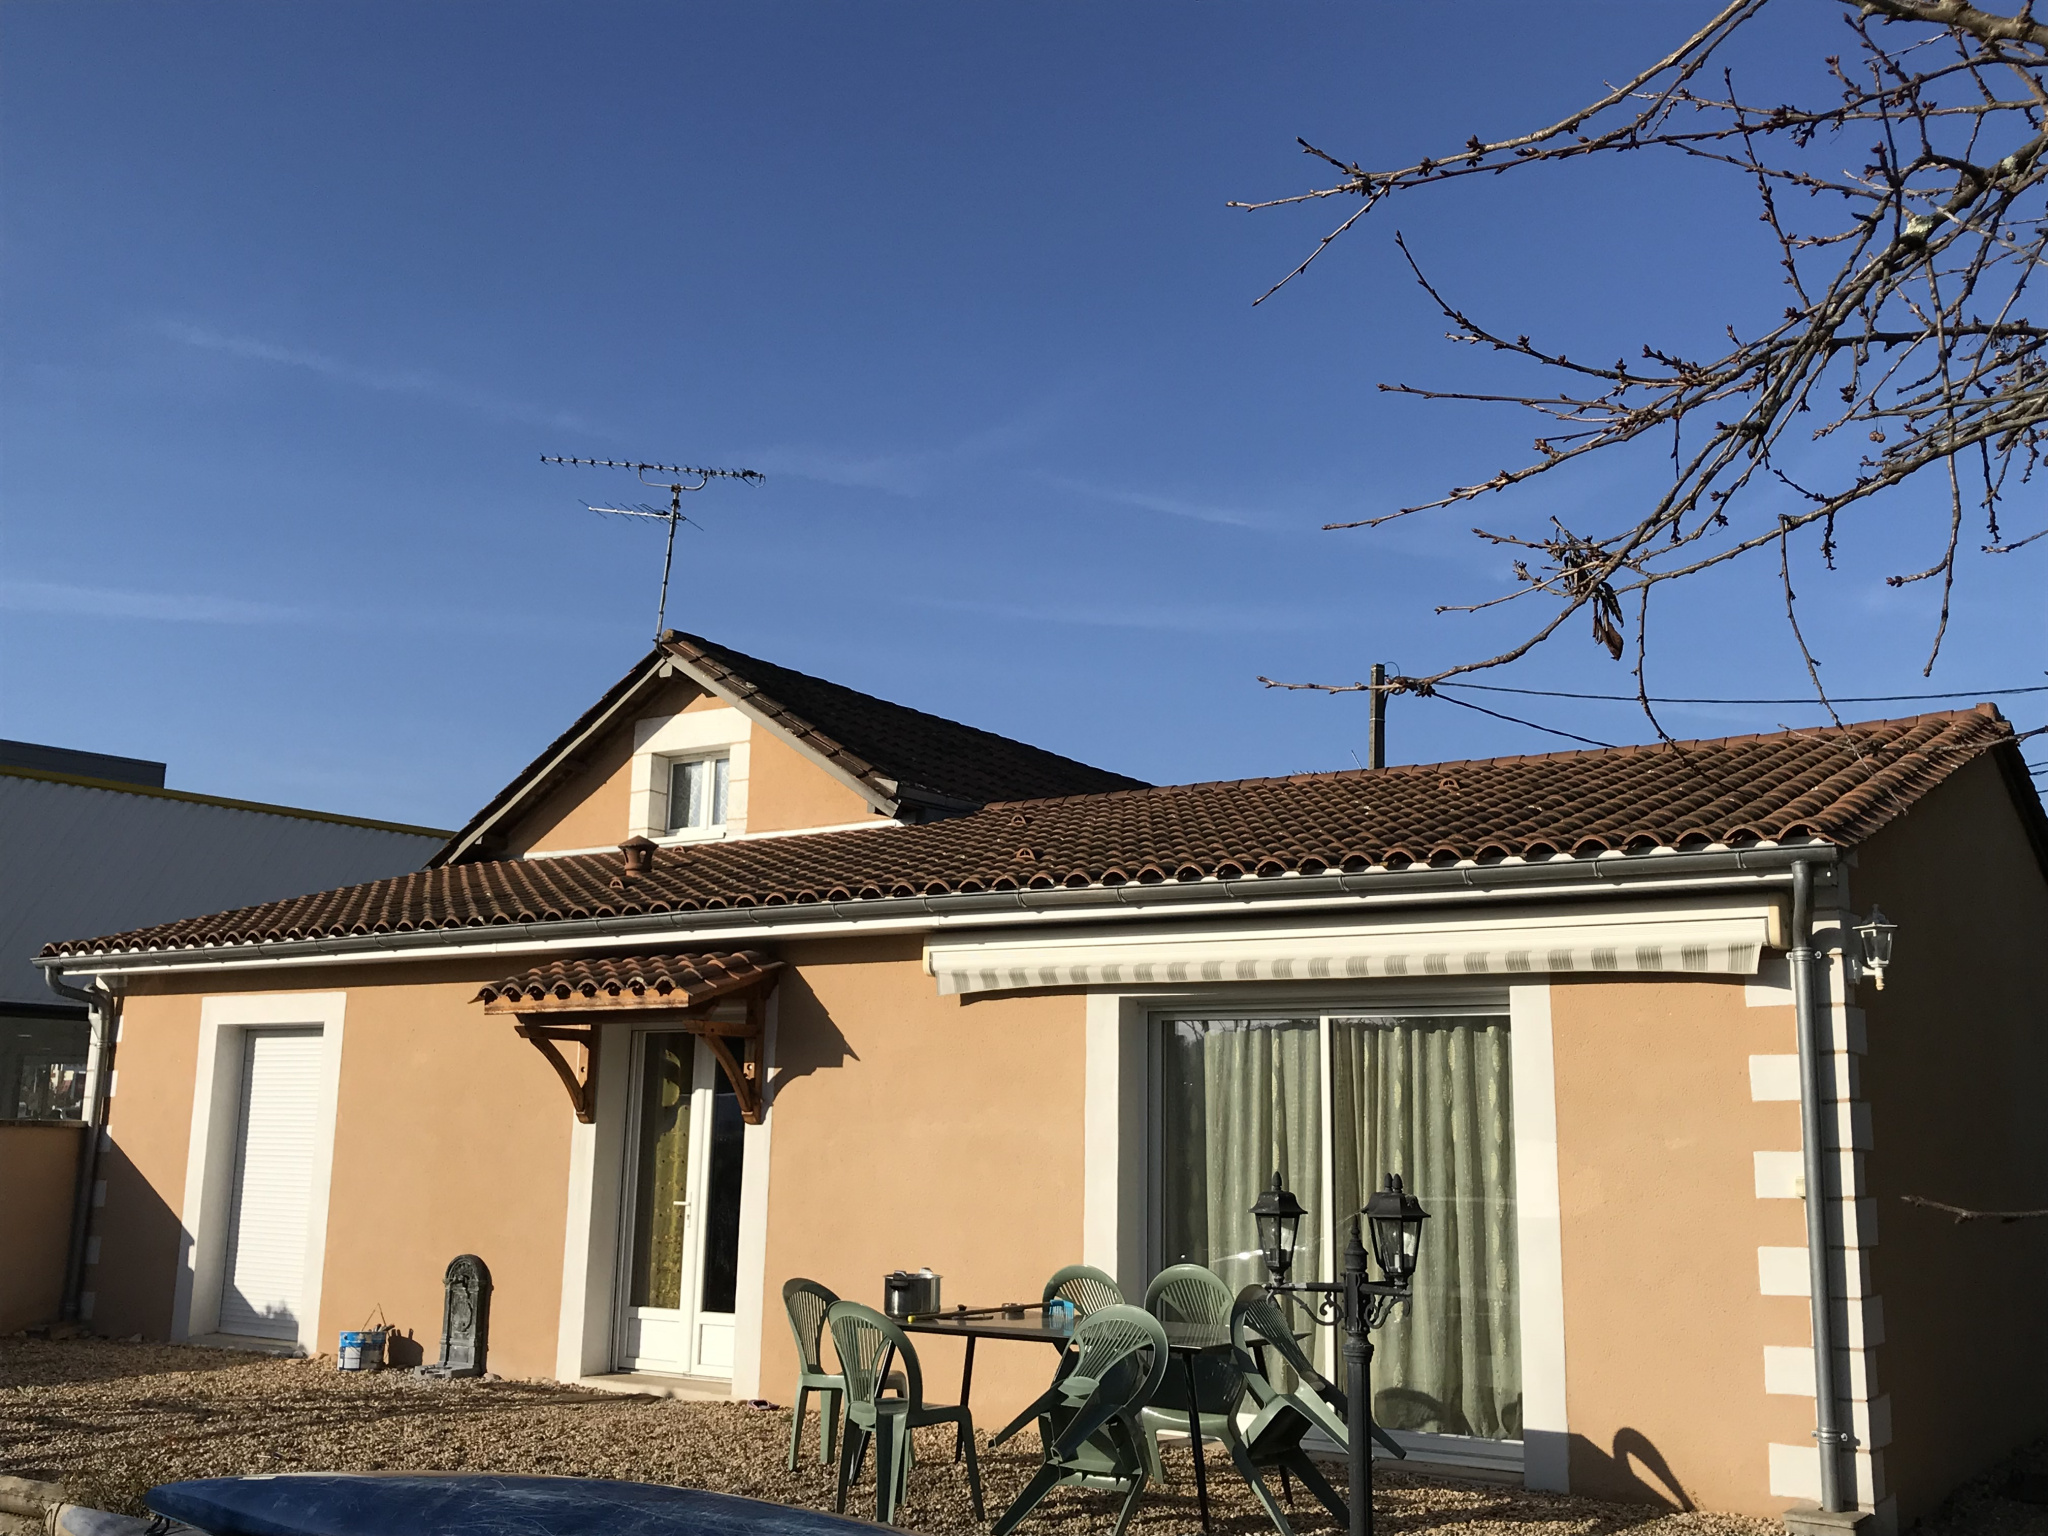 Annonce vente maison p rigueux 24000 118 m 191 700 for Maison perigueux